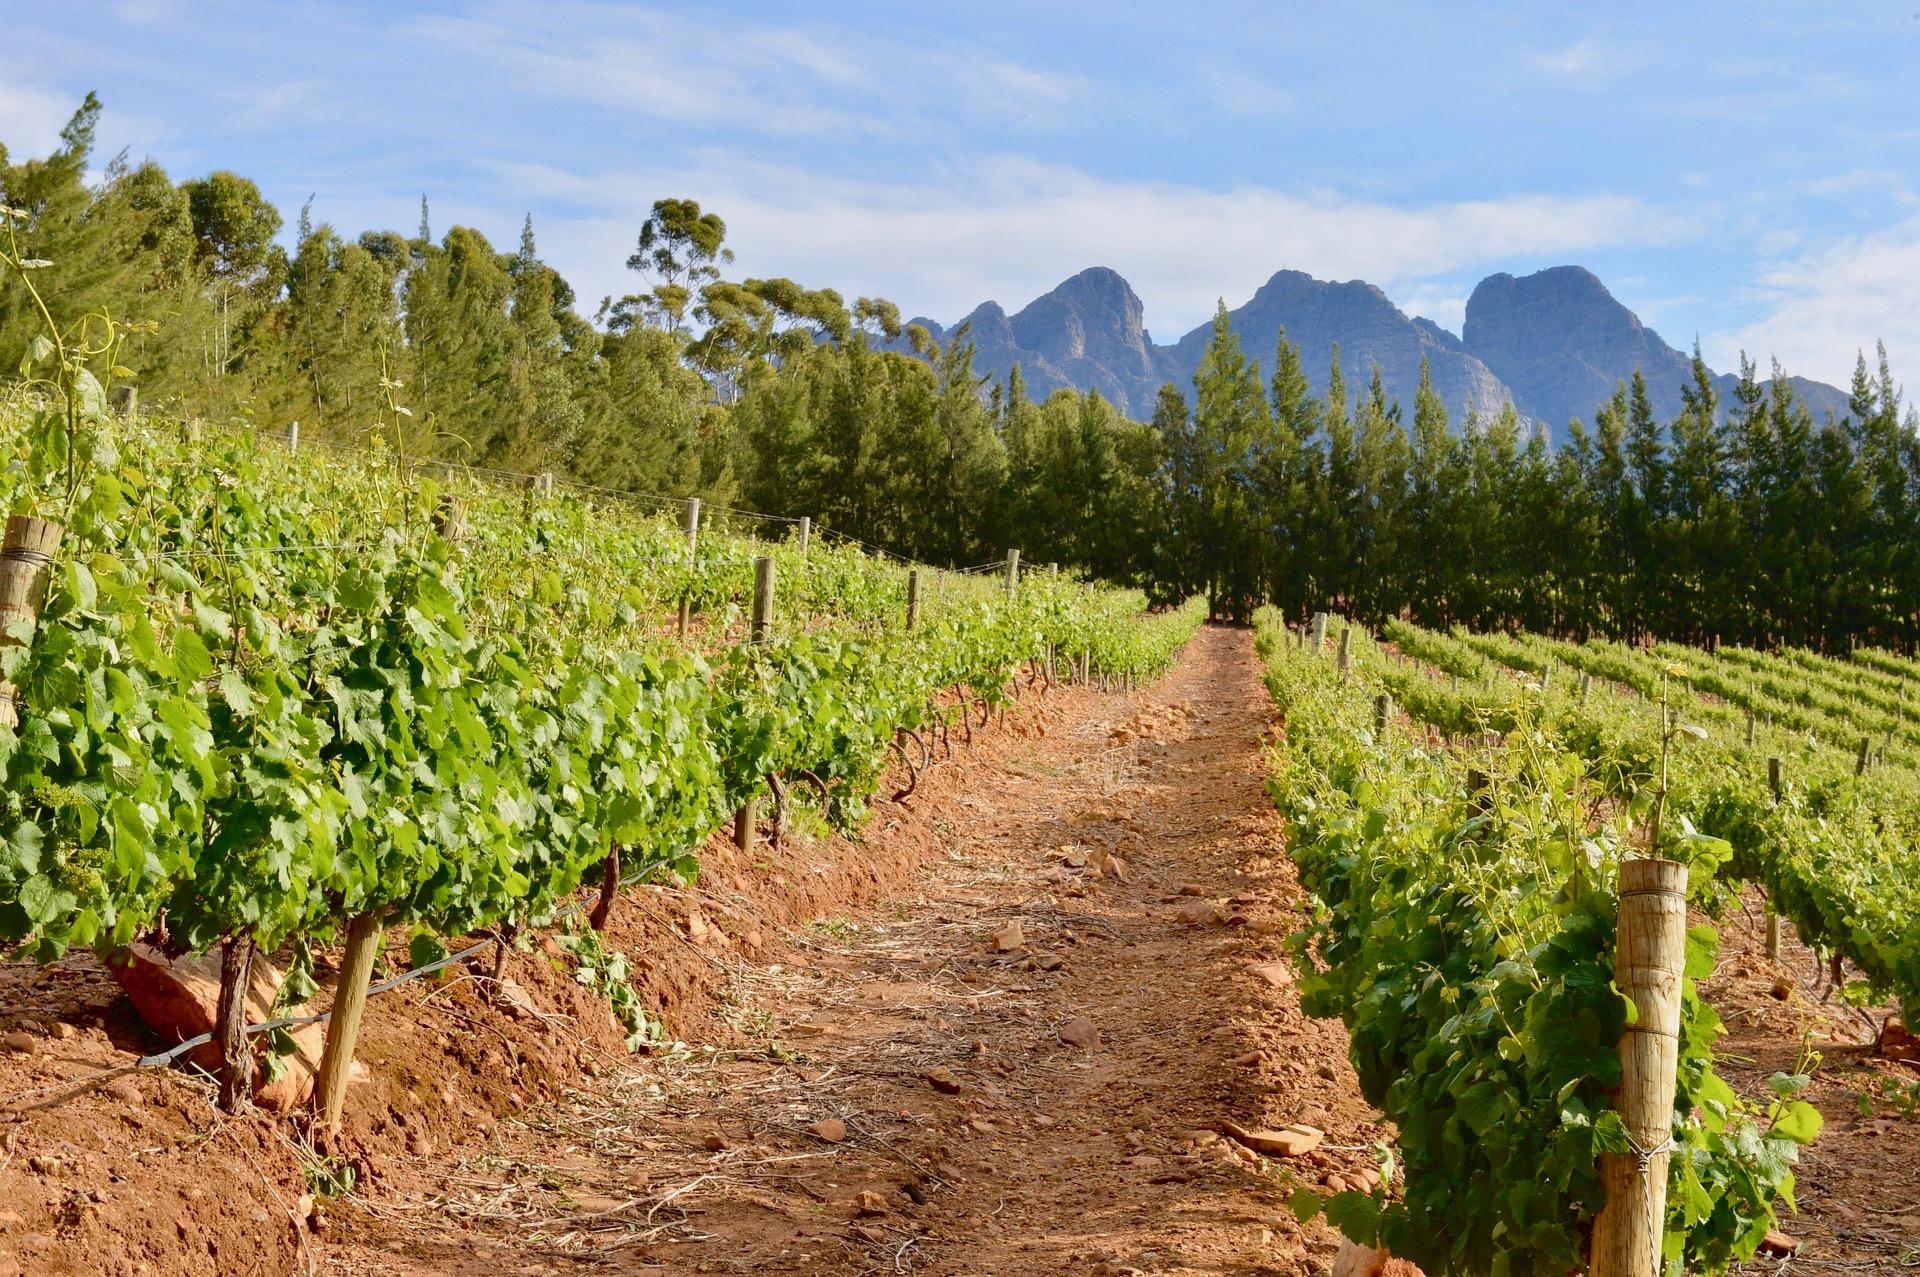 vineyard-716443_1920.jpg